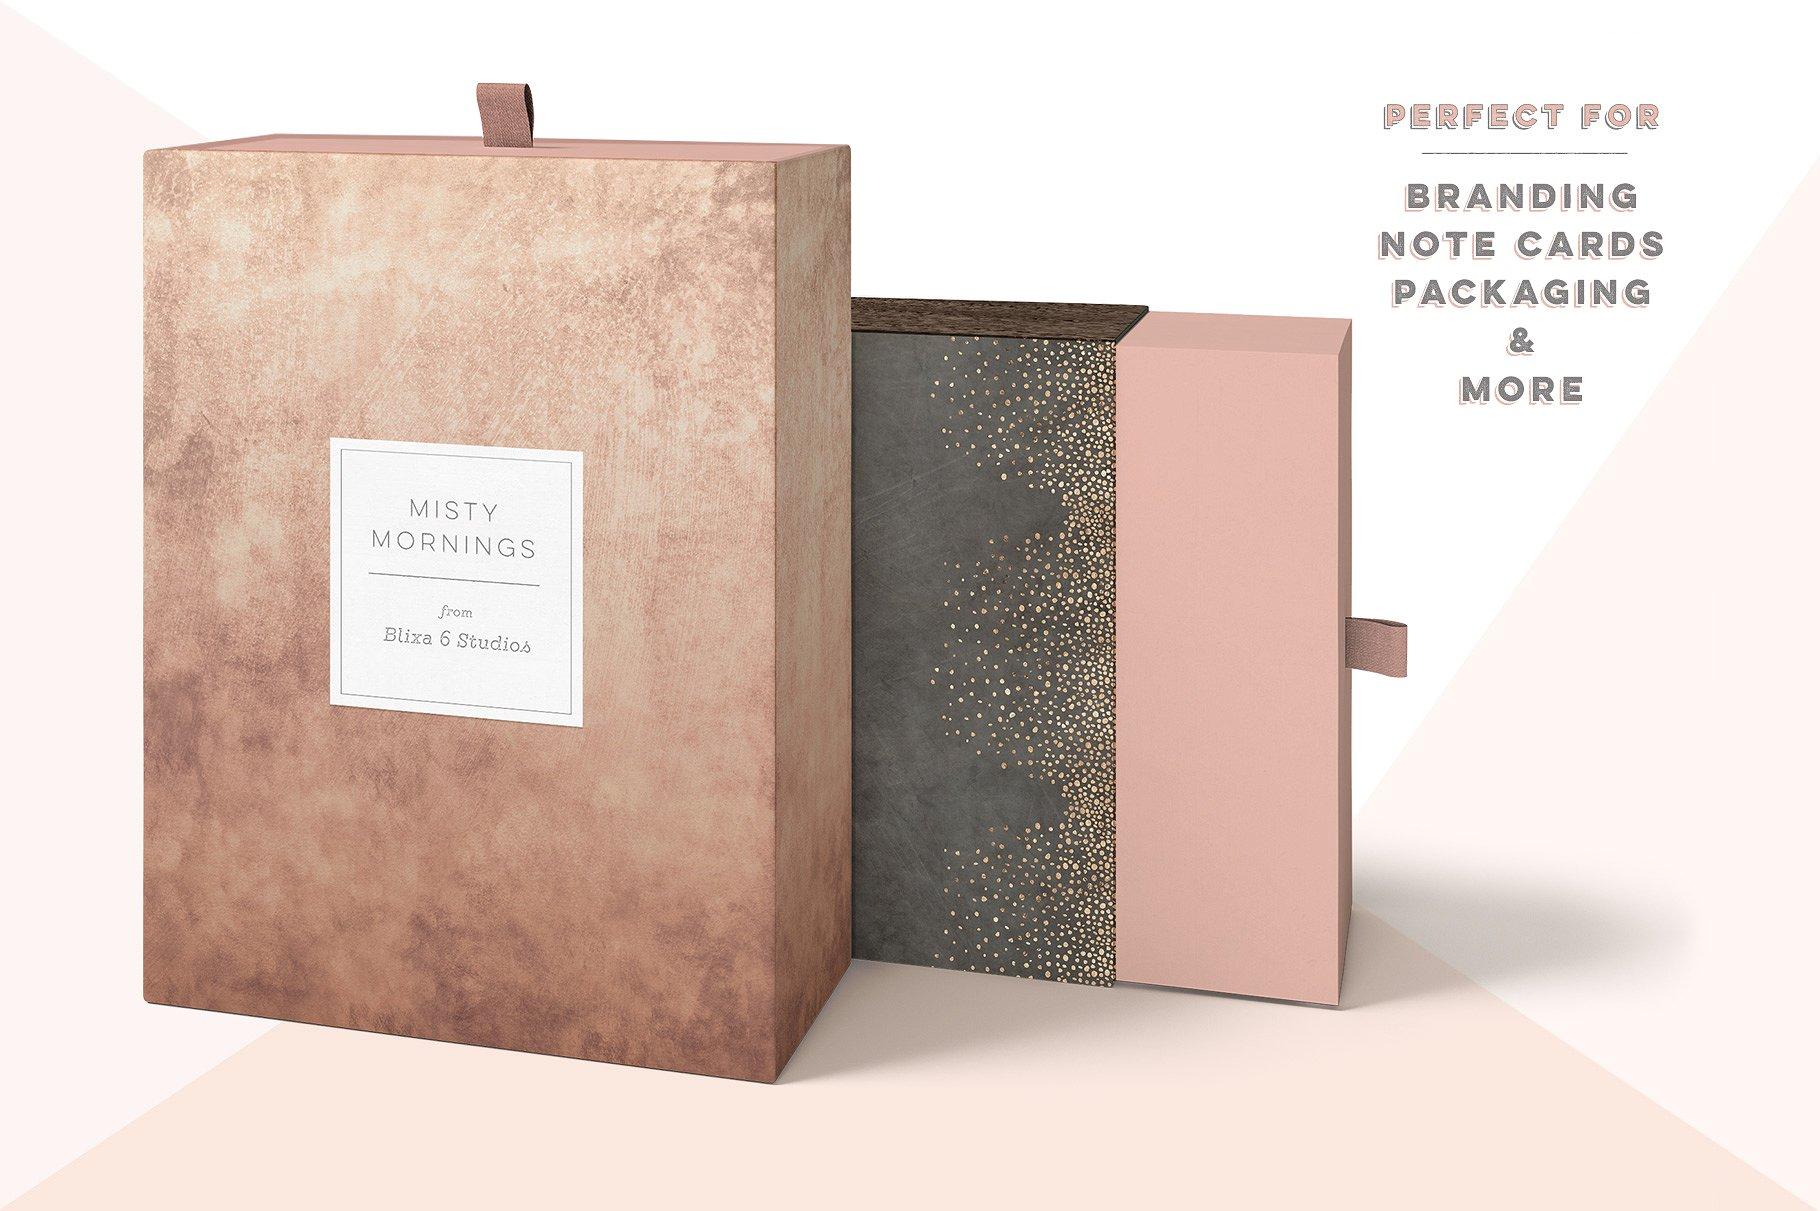 Branding note cards packaging